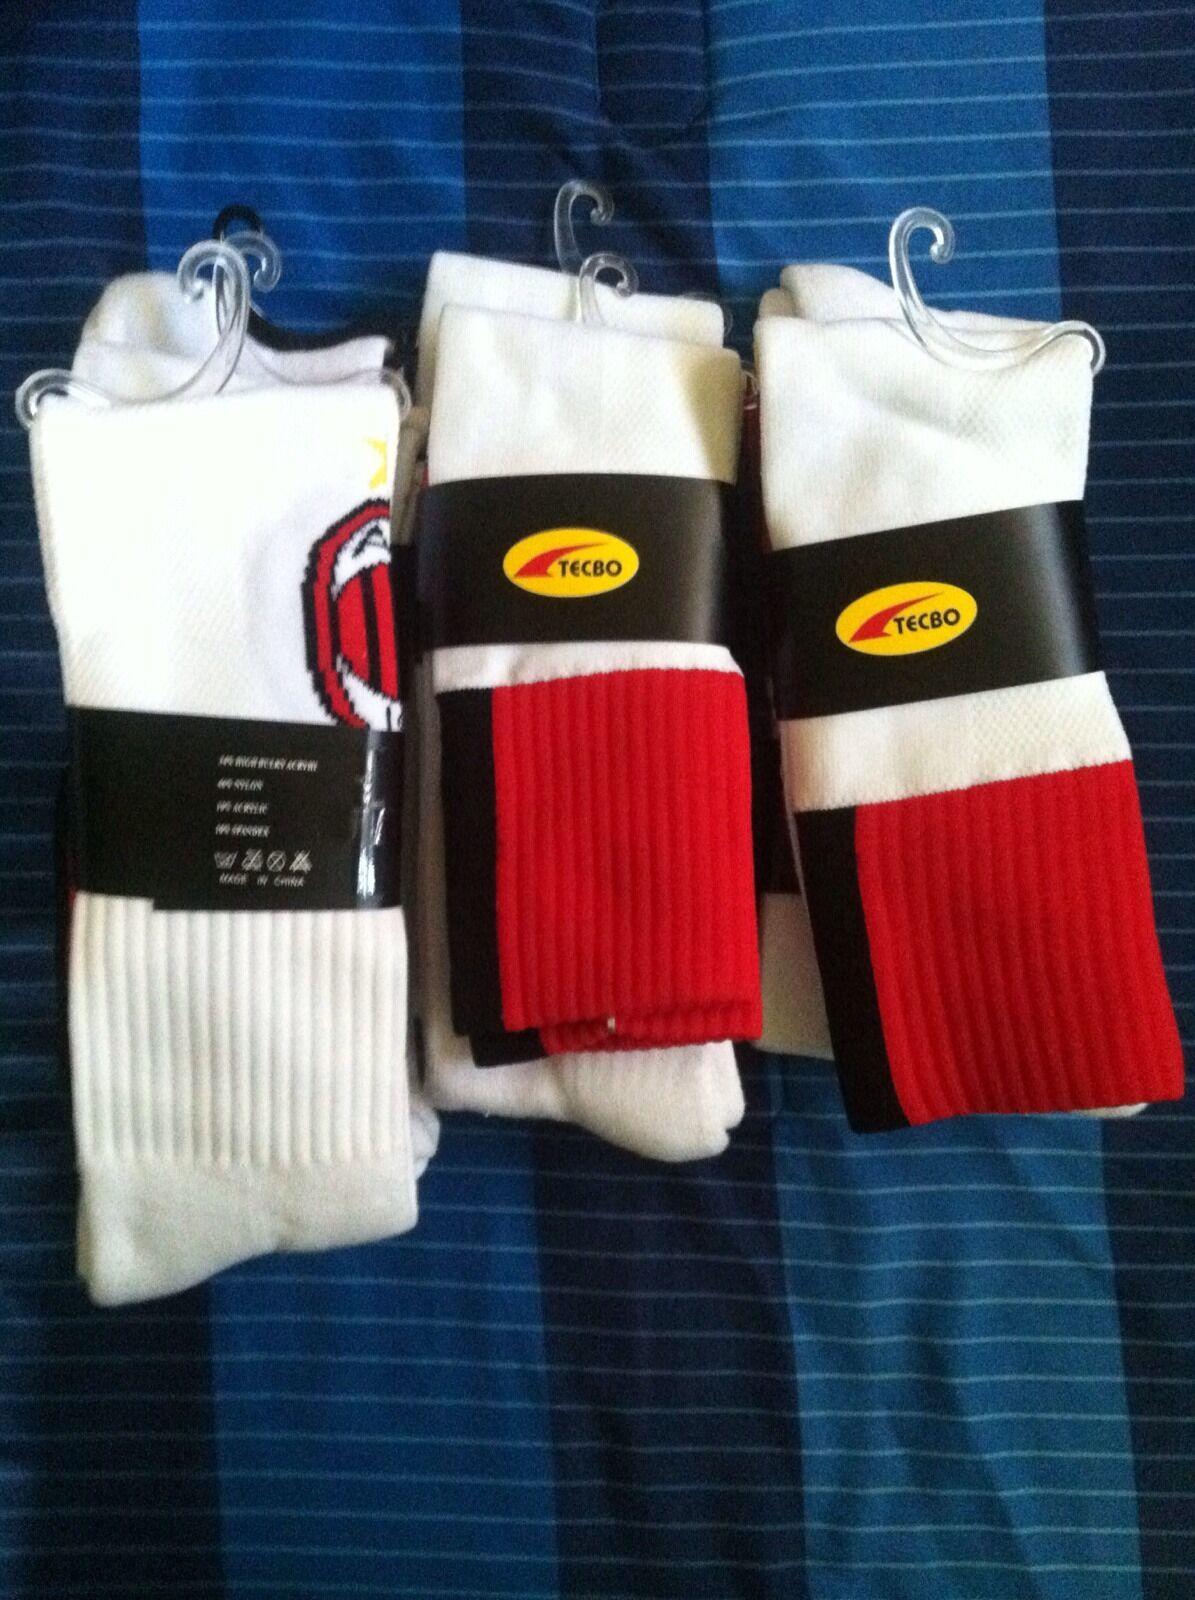 Ac Milan Futbol calcetines (8)